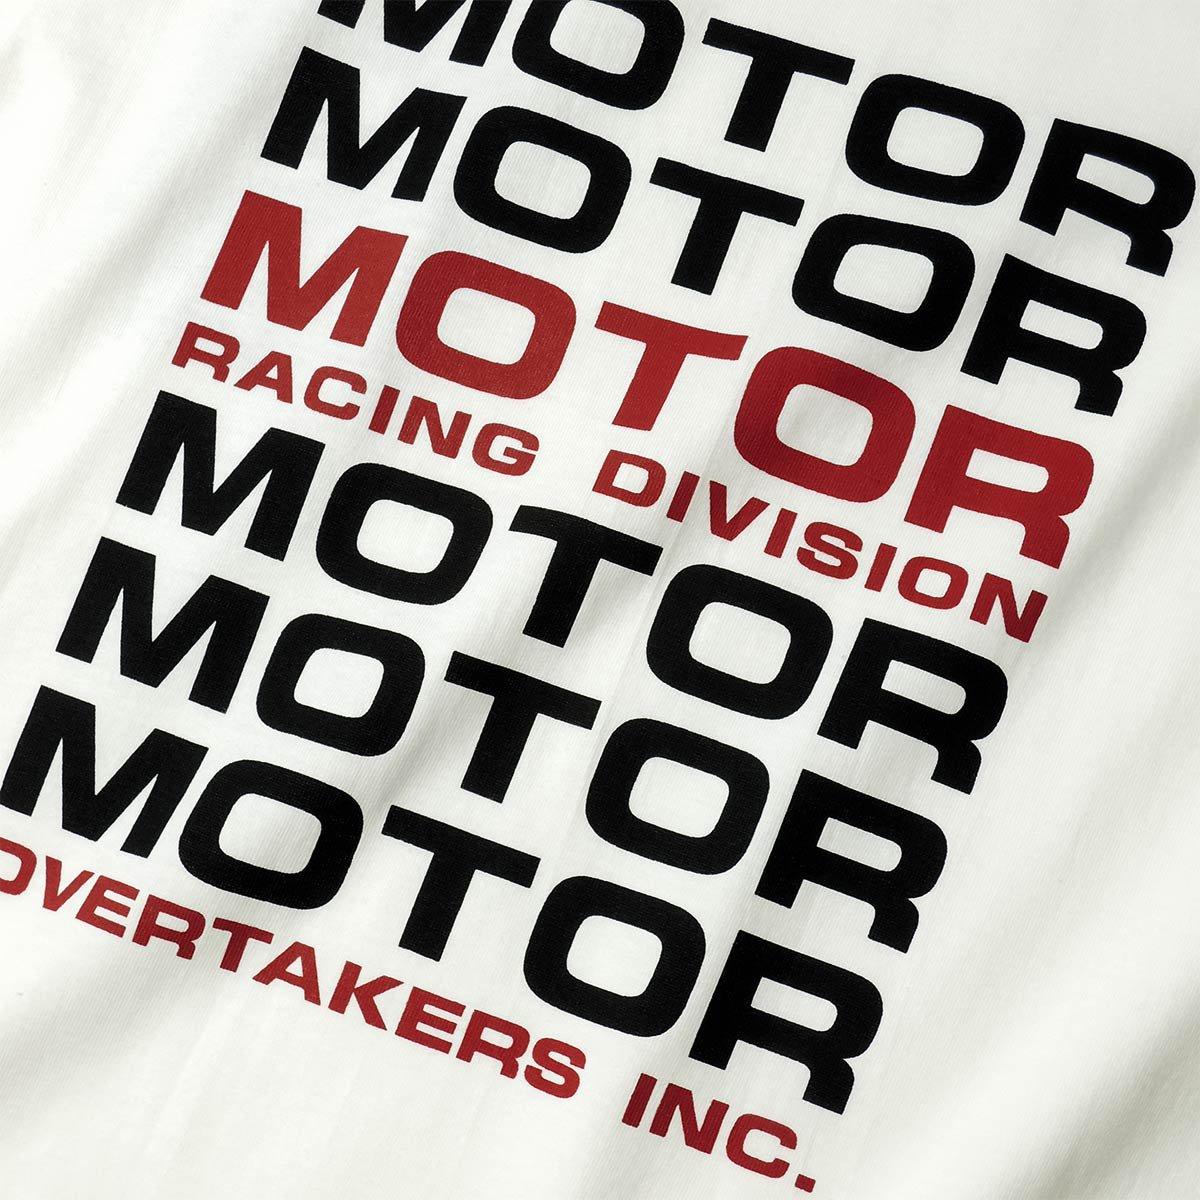 モーター系 OT RACING DIVISION Tシャツ